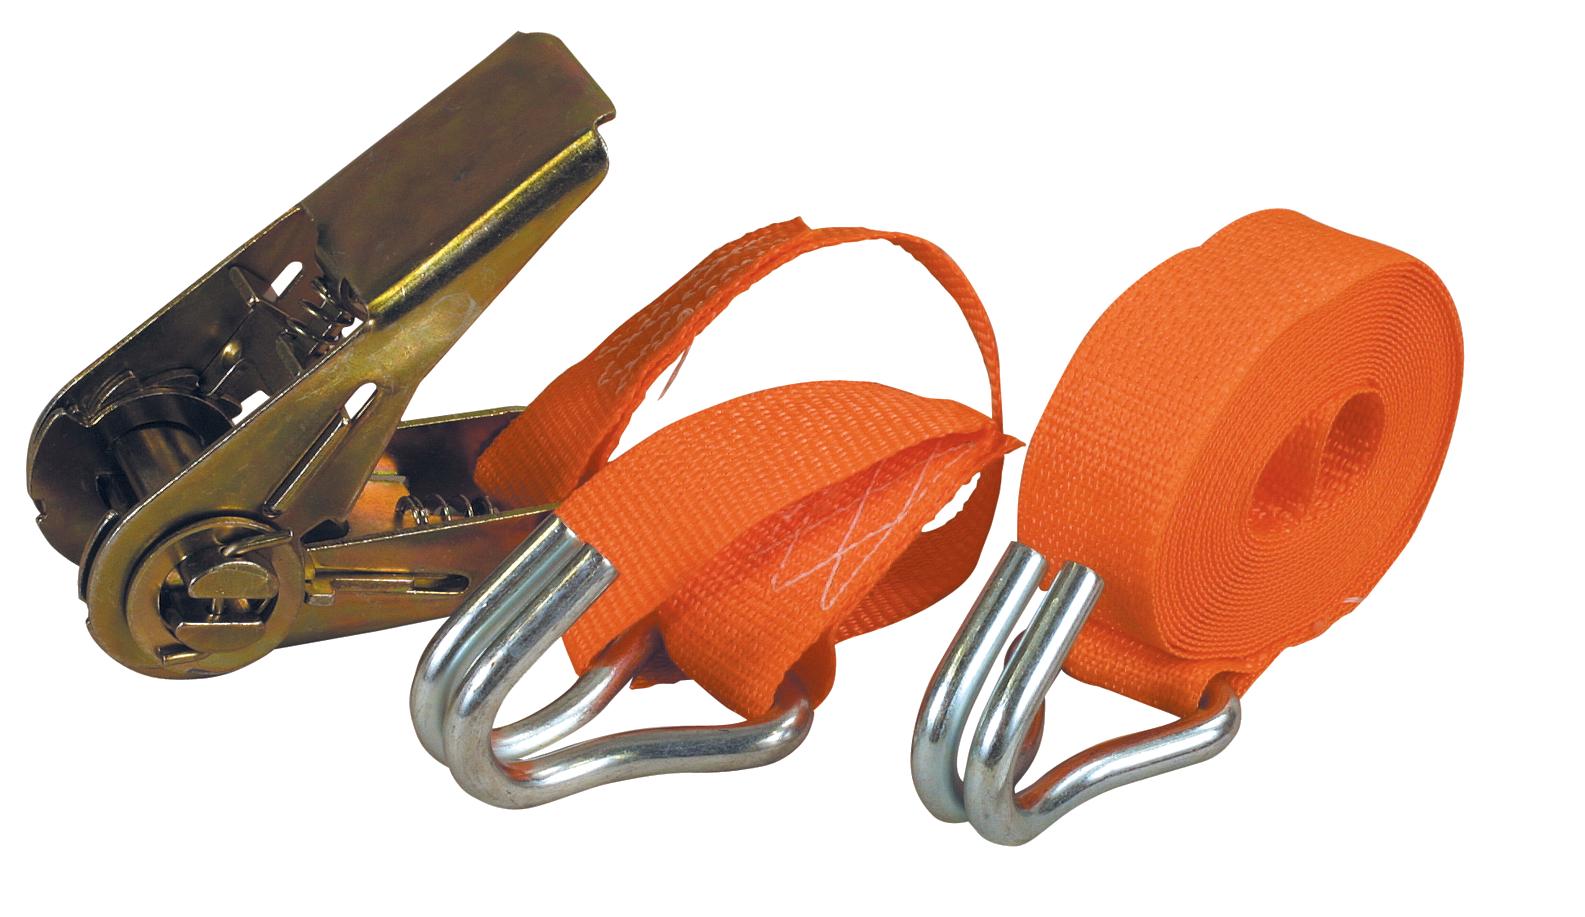 Spännband or. 0,4+6,6 m 700 kg krok/krok